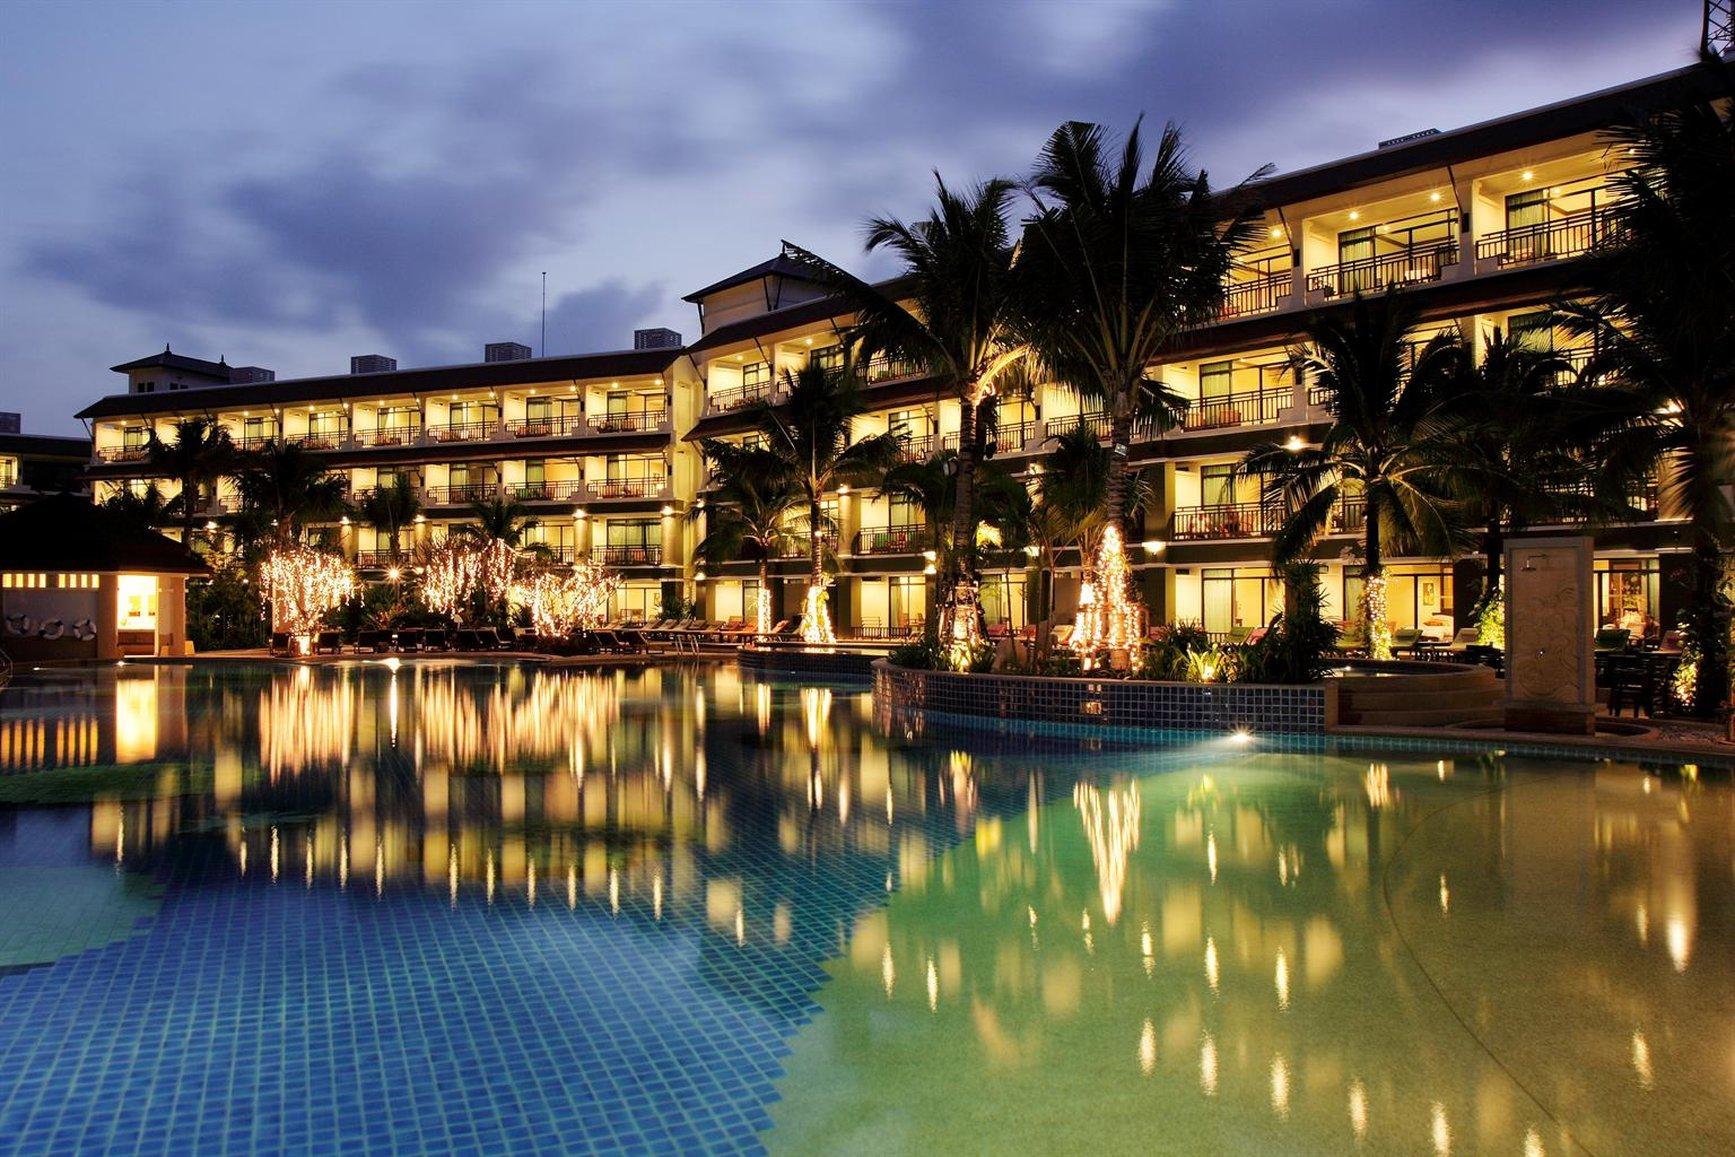 Meetings And Events At Alpina Phuket Nalina Resort Spa Phuket TH - Alpina phuket nalina resort and spa